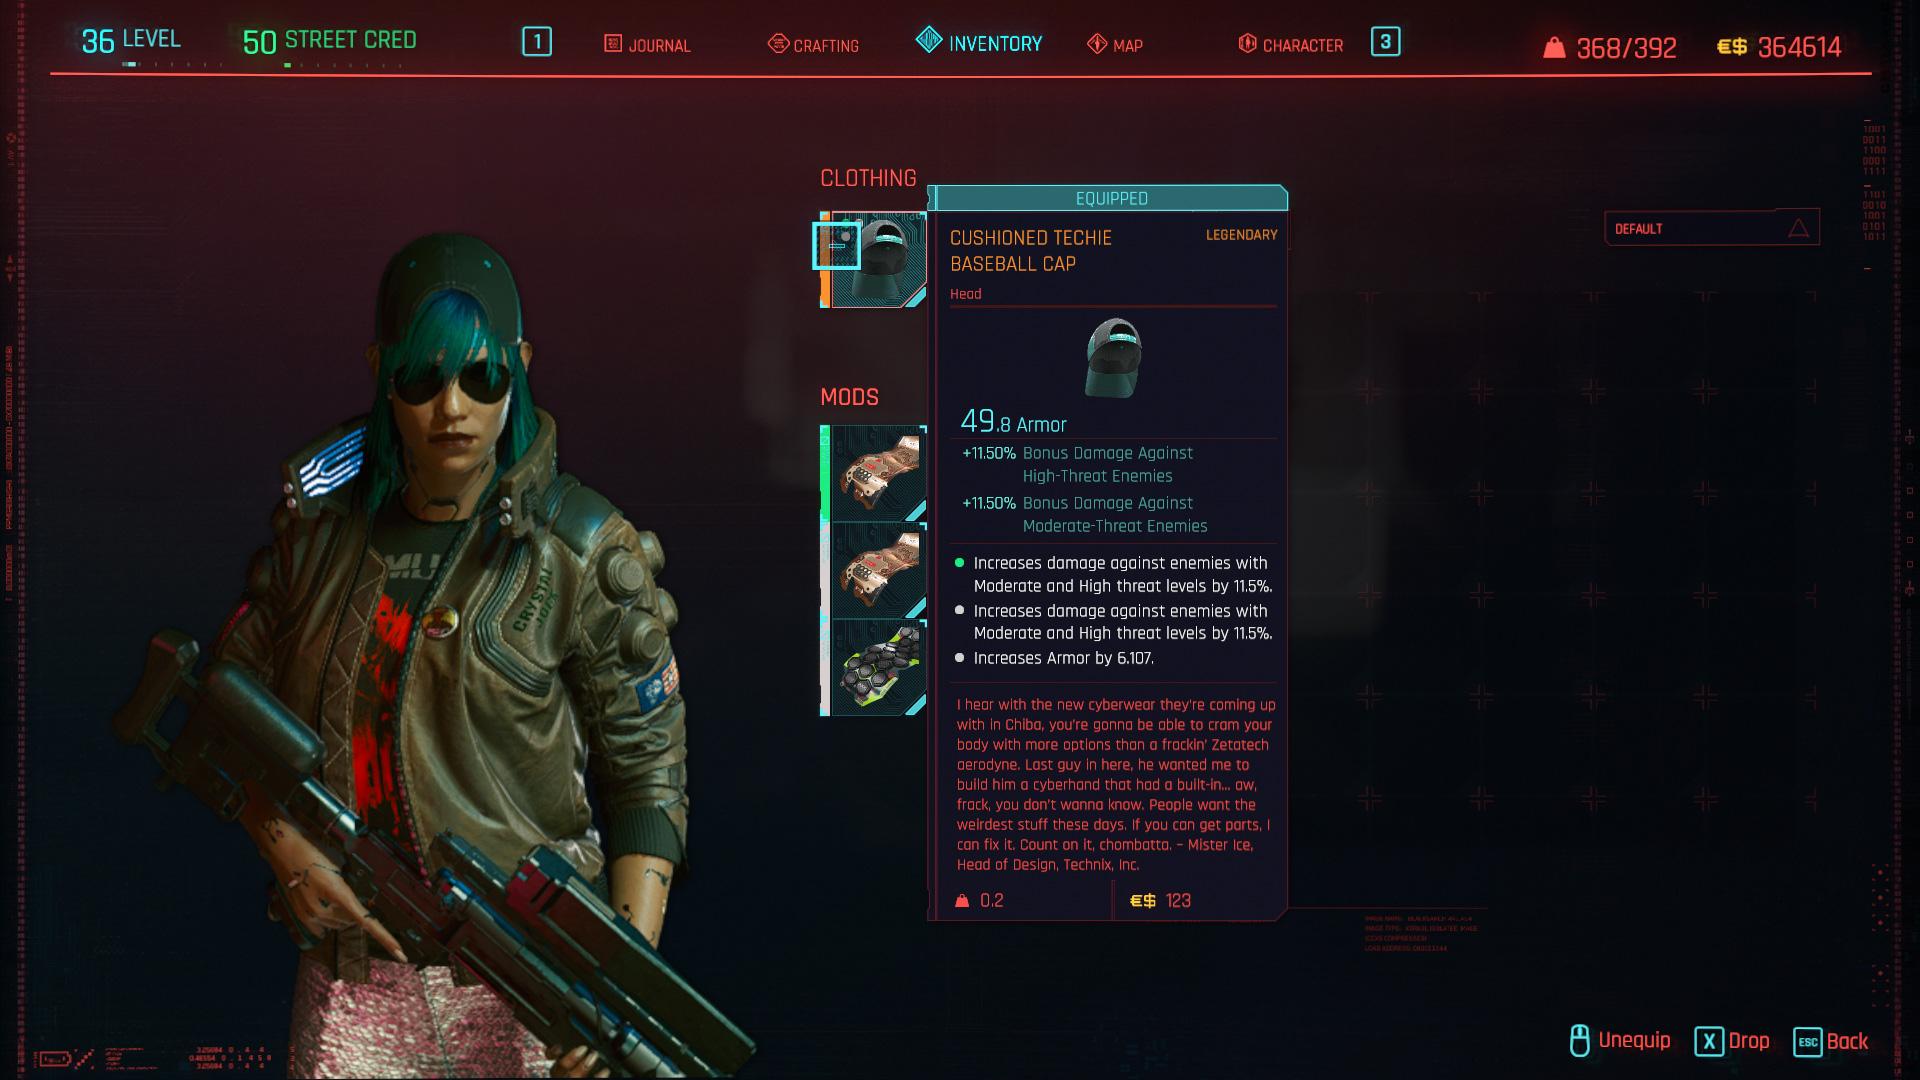 Tous les vêtements légendaires et emblématiques de Cyberpunk 2077 - Casquette de baseball rembourrée Techie